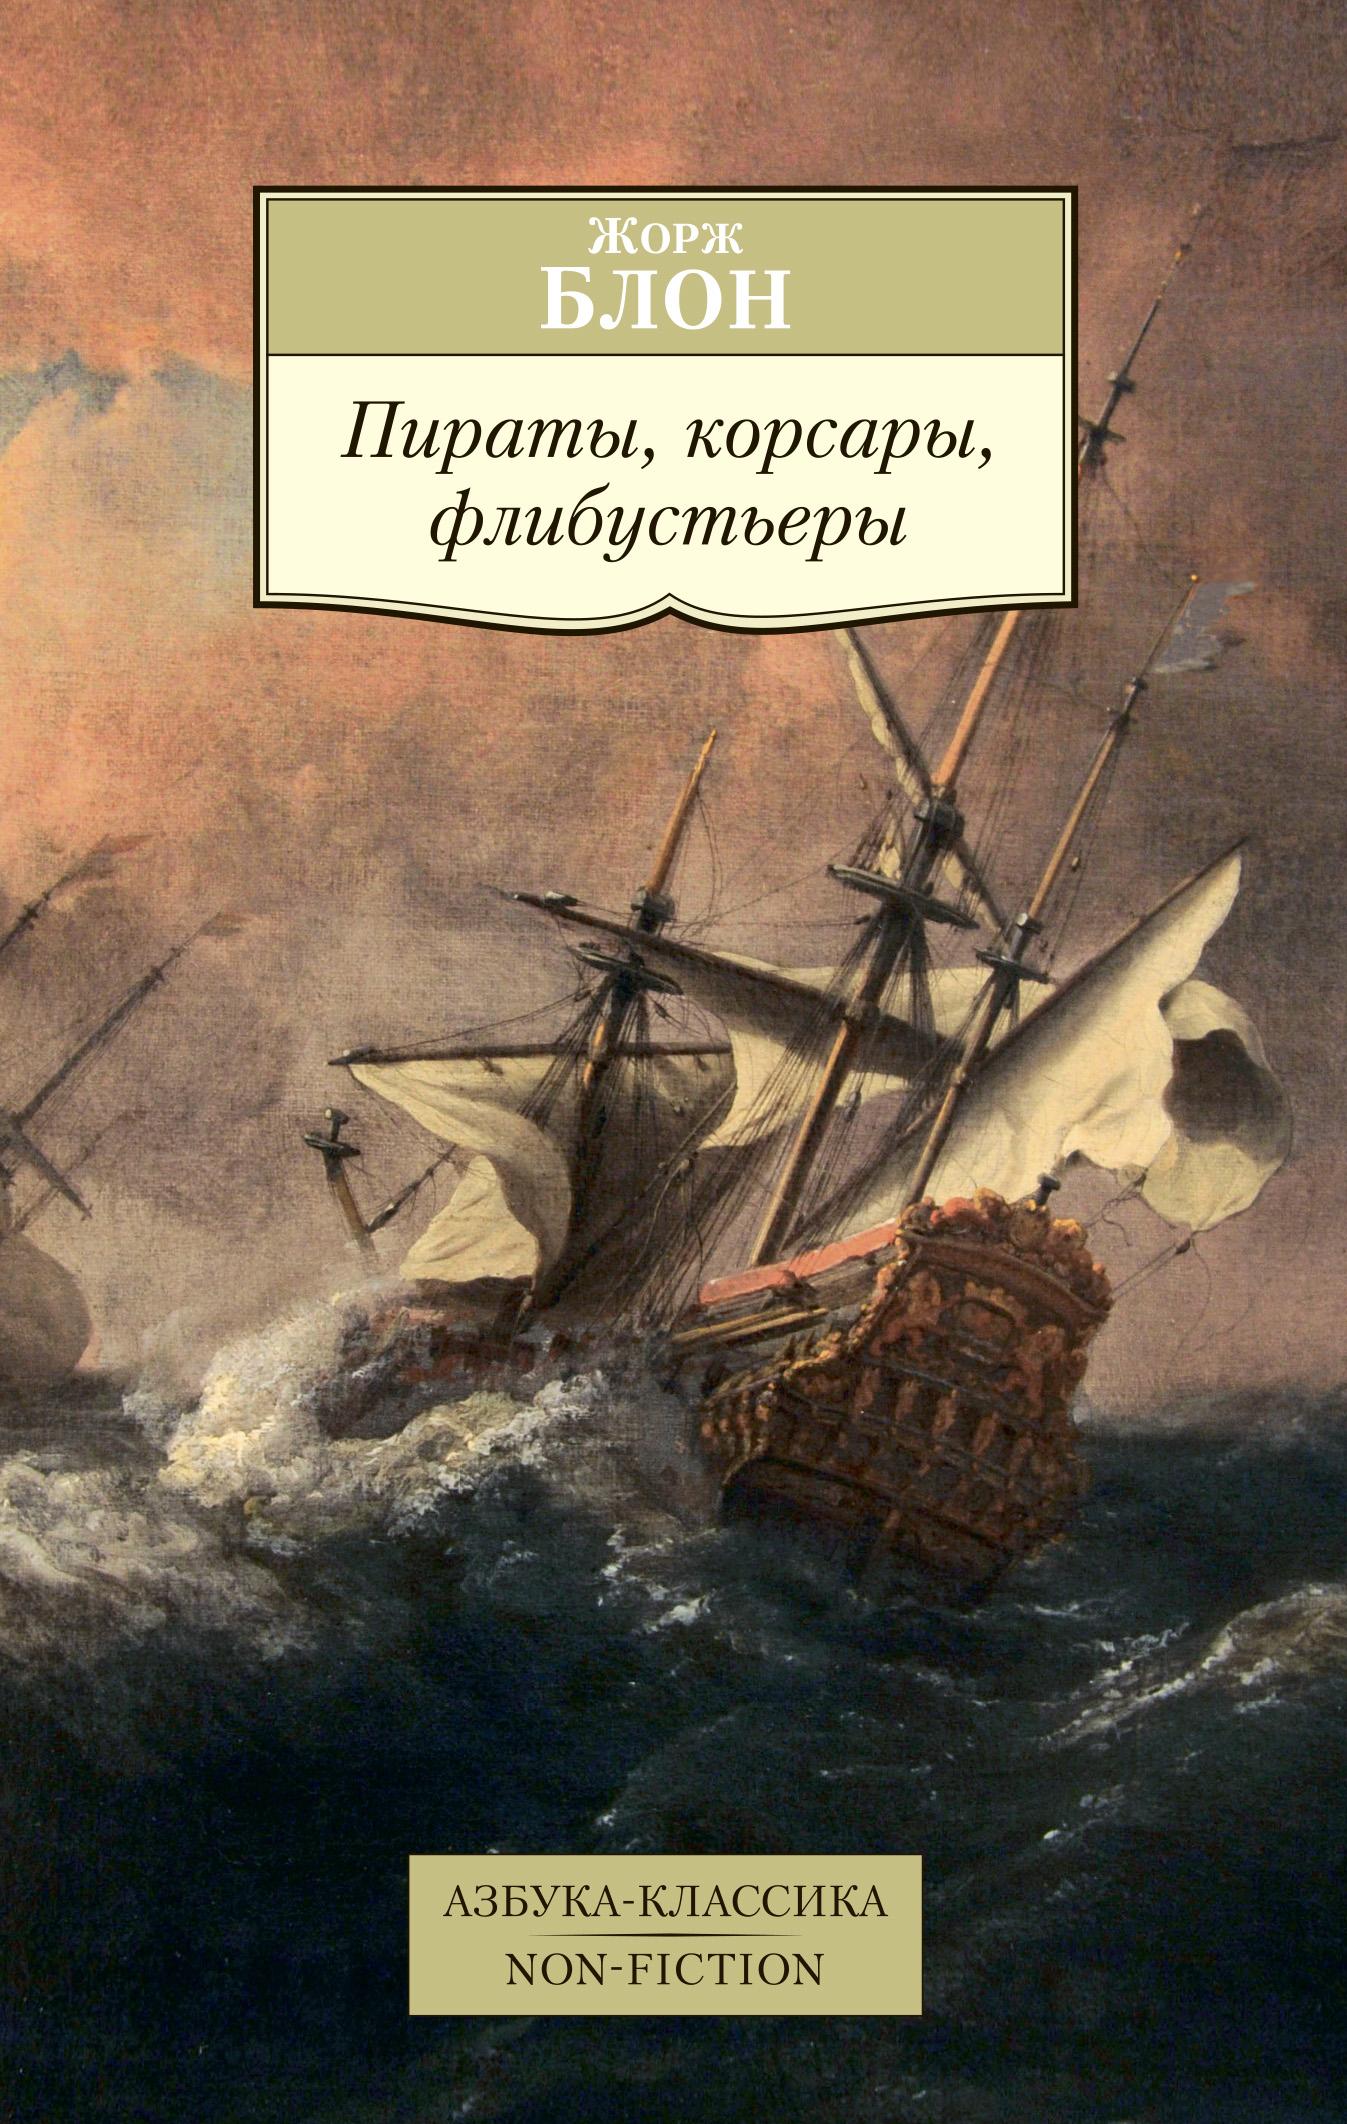 Жорж Блон Пираты, корсары, флибустьеры